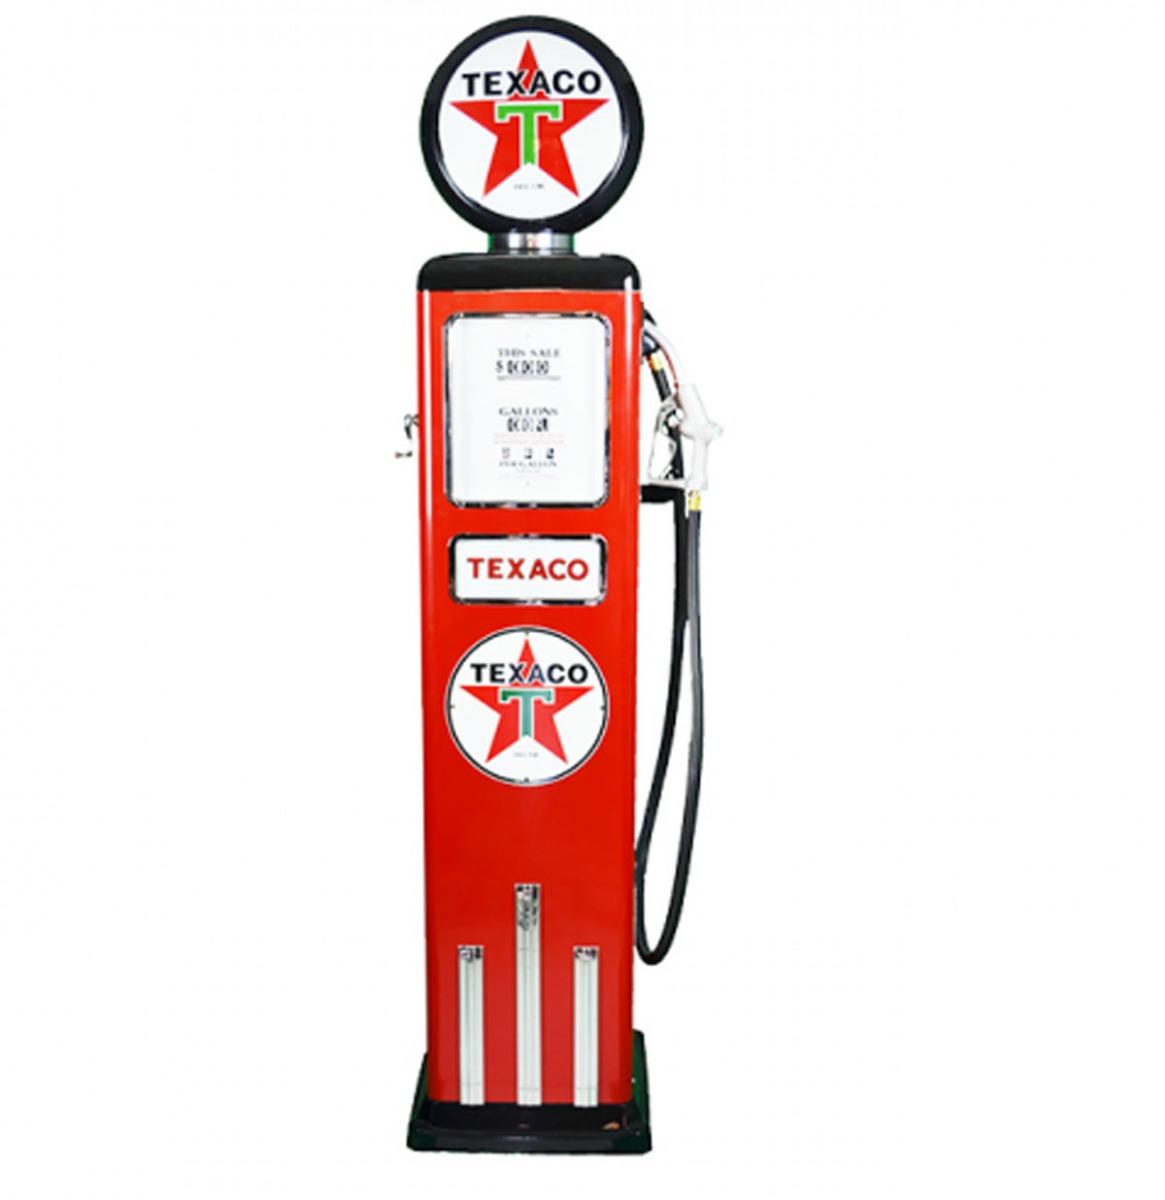 Texaco 8 Ball Deluxe Elektrische Benzinepomp Met Voet - Rood - Reproductie